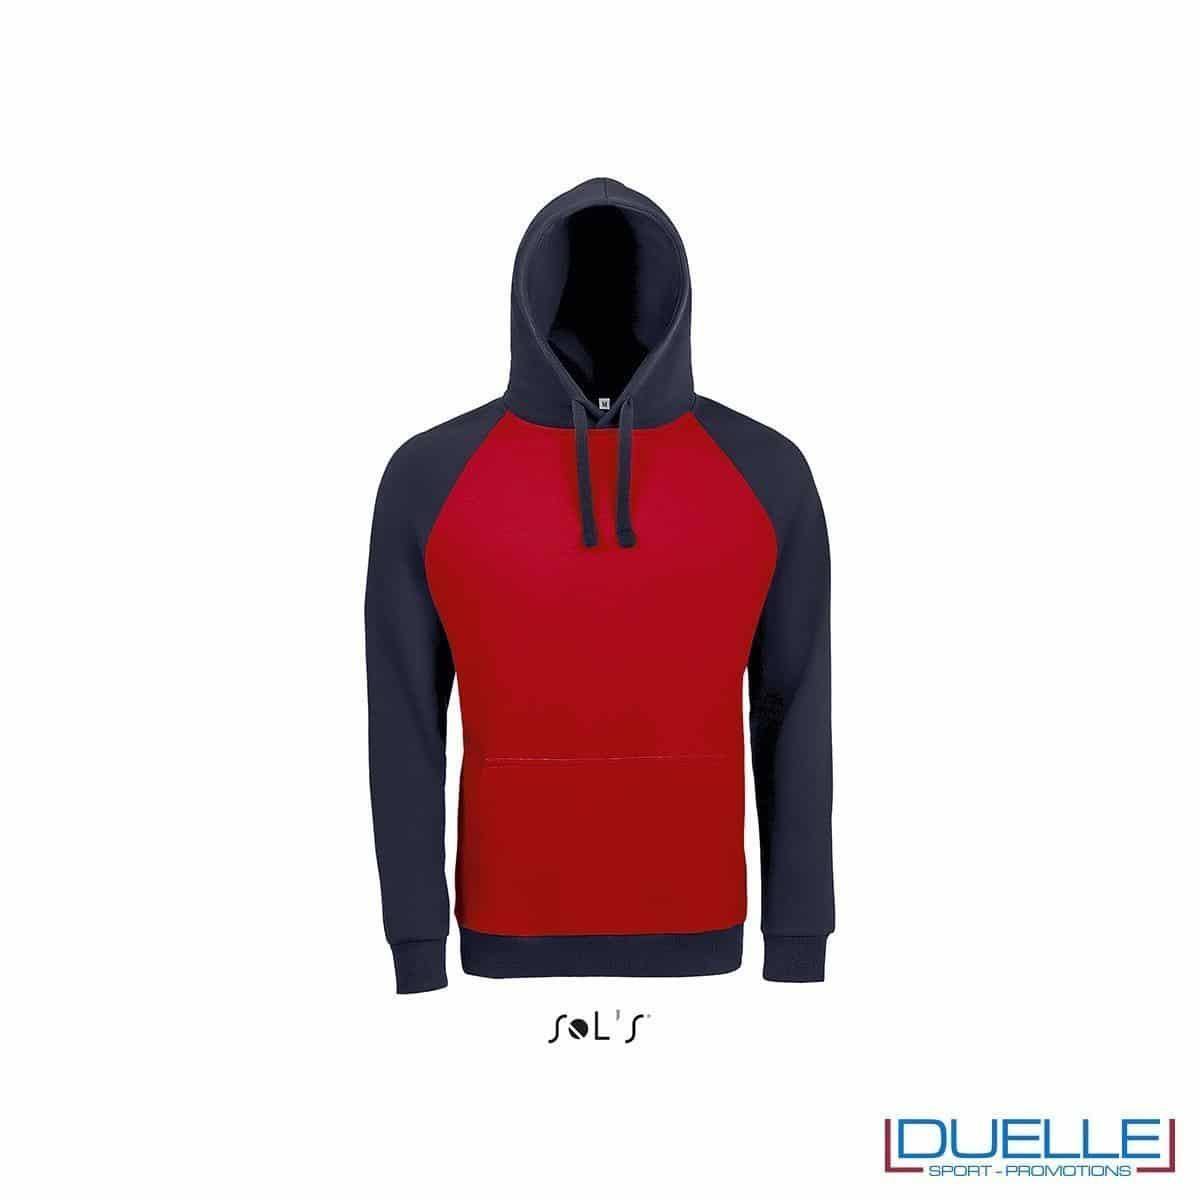 Felpa college con cappuccio personalizzata colore rosso-blu navy